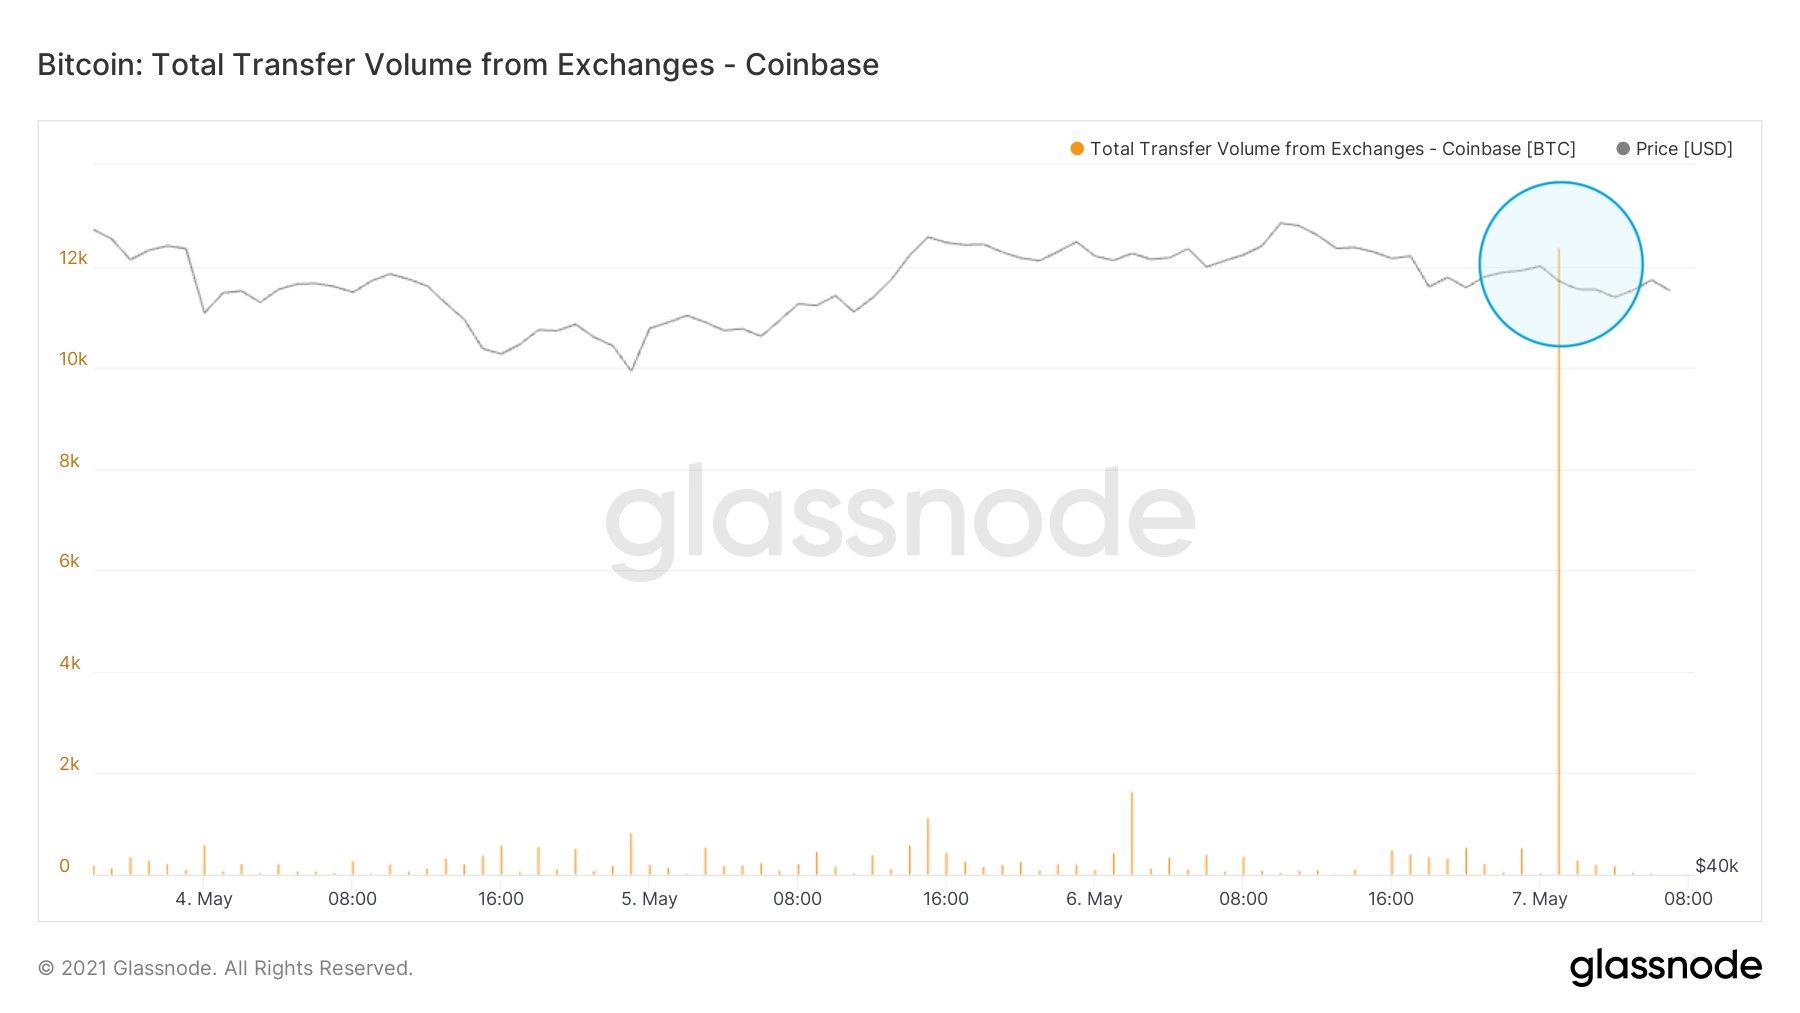 """Rekordlauf bleibt intakt – Glassnode sieht Bitcoin weiter im """"gesunden Aufwärtstrend"""""""